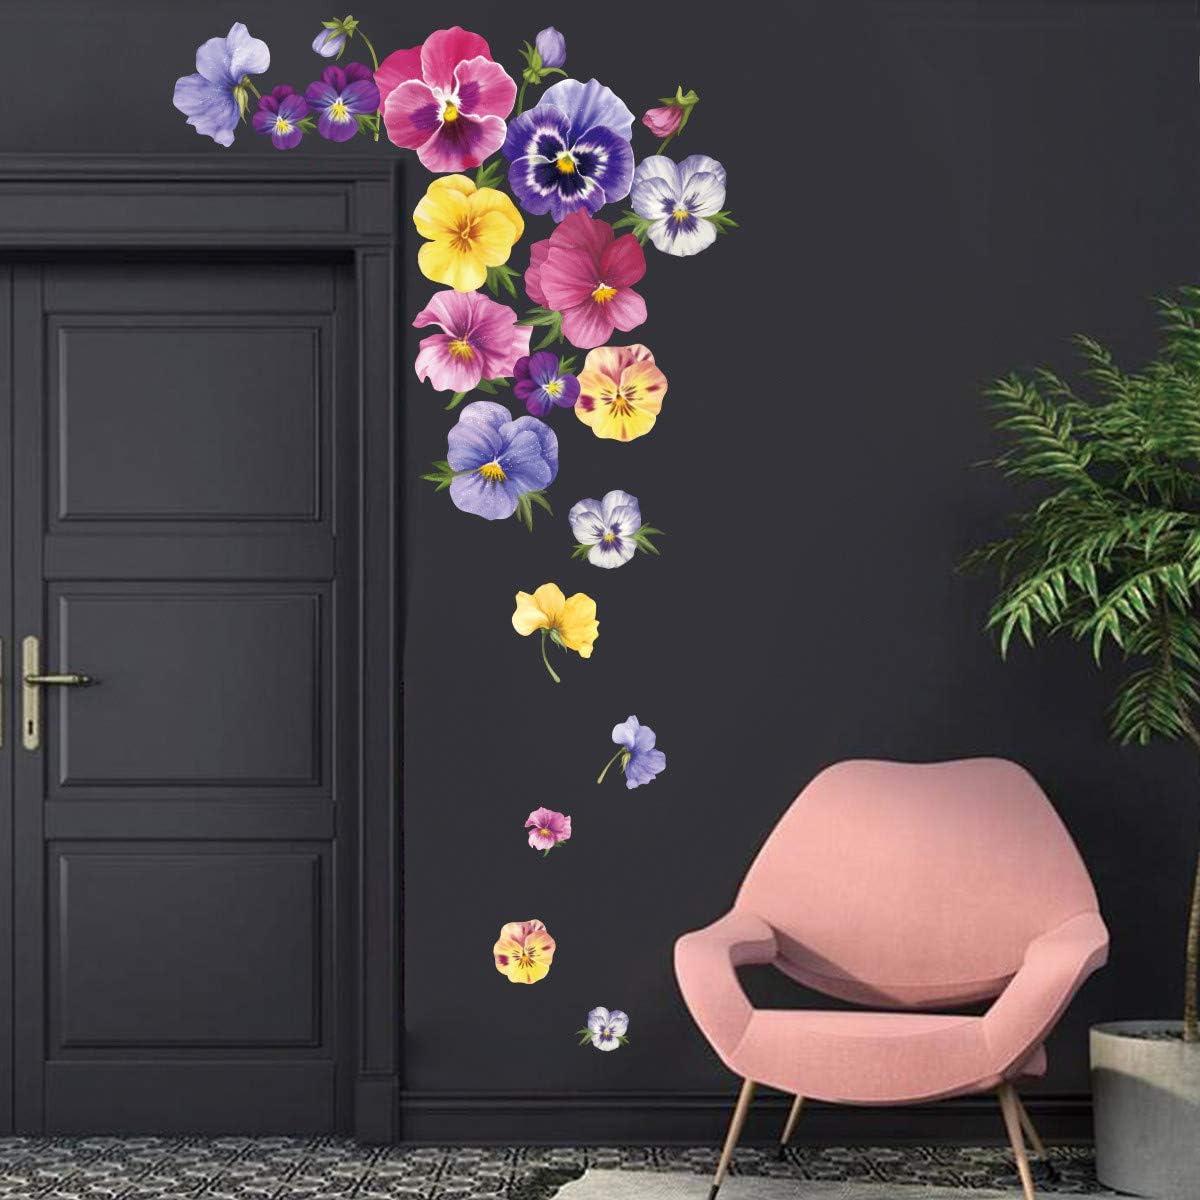 ufengke Pegatinas de Pared Pensamiento Flores Vinilos Adhesivos Pared Floral Decorativos para Habitación Niñas Dormitorio Infantiles Sala de Estar